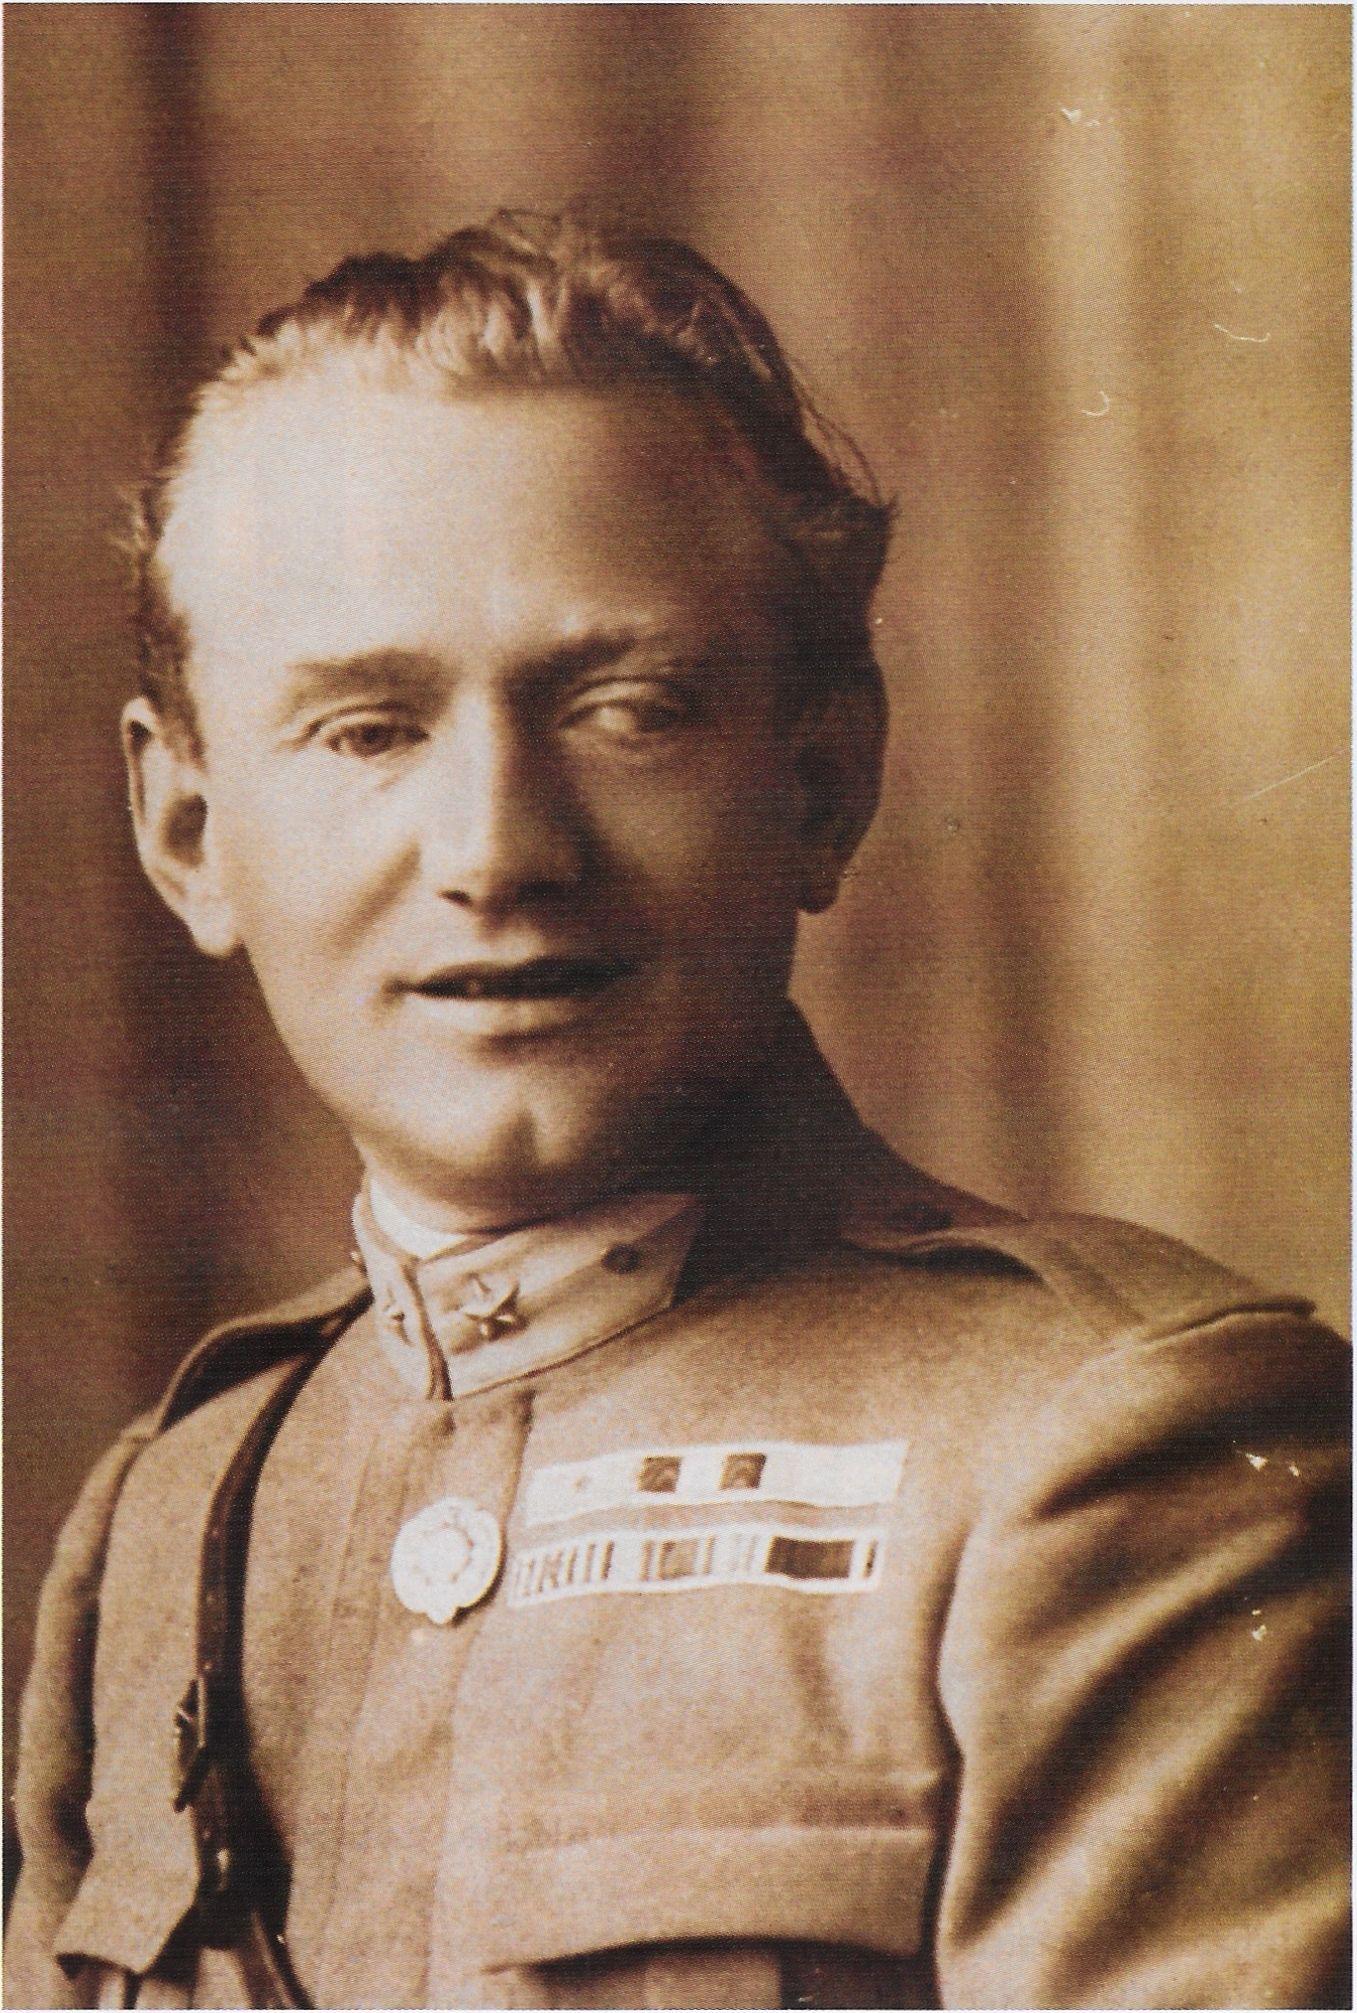 Aurelio Nicolodi in uniforme militare